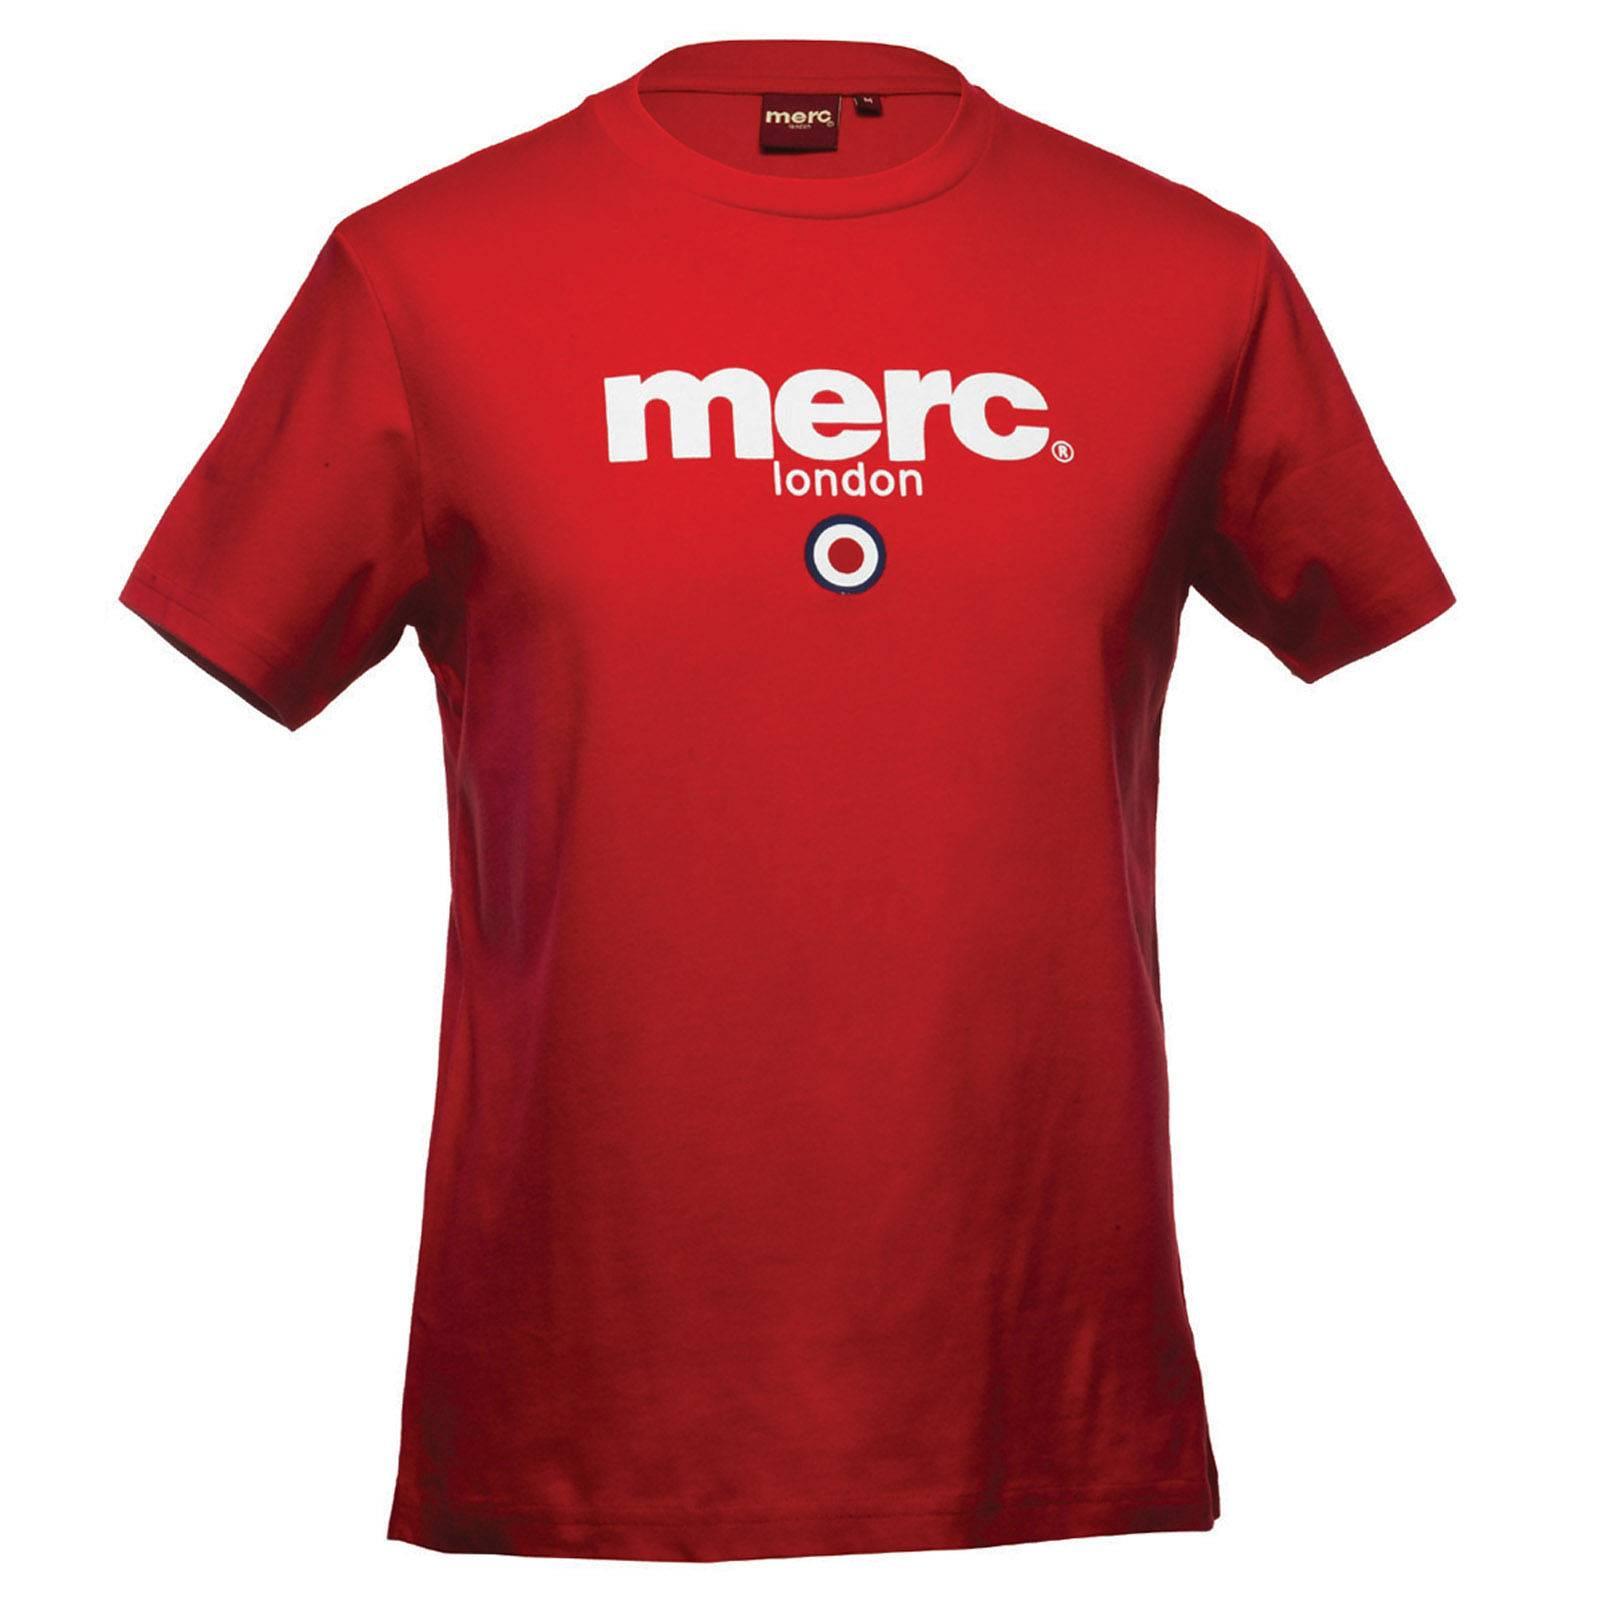 Футболка BrightonCORE<br>Футболка базовой всесезонной линии &amp;amp;quot;Core&amp;amp;quot;, брендированная классическим логотипом Merc и символом mod-движения - таргетом. Выпускается с момента основания бренда. Более строгий вариант  t-shirt Beach. Принт-логотип нанесен методом высококачественной шелкографии, не сходит и не блекнет в результате стирок. Расположение логотипа в верхней части футболки позволяет красиво комбинировать ее с не до конца застегнутыми олимпийкой-худи, кардиганом или ветровкой. Произведена в Европейском Союзе.<br><br>Артикул: 1704136<br>Материал: None<br>Цвет: красный<br>Пол: Мужской